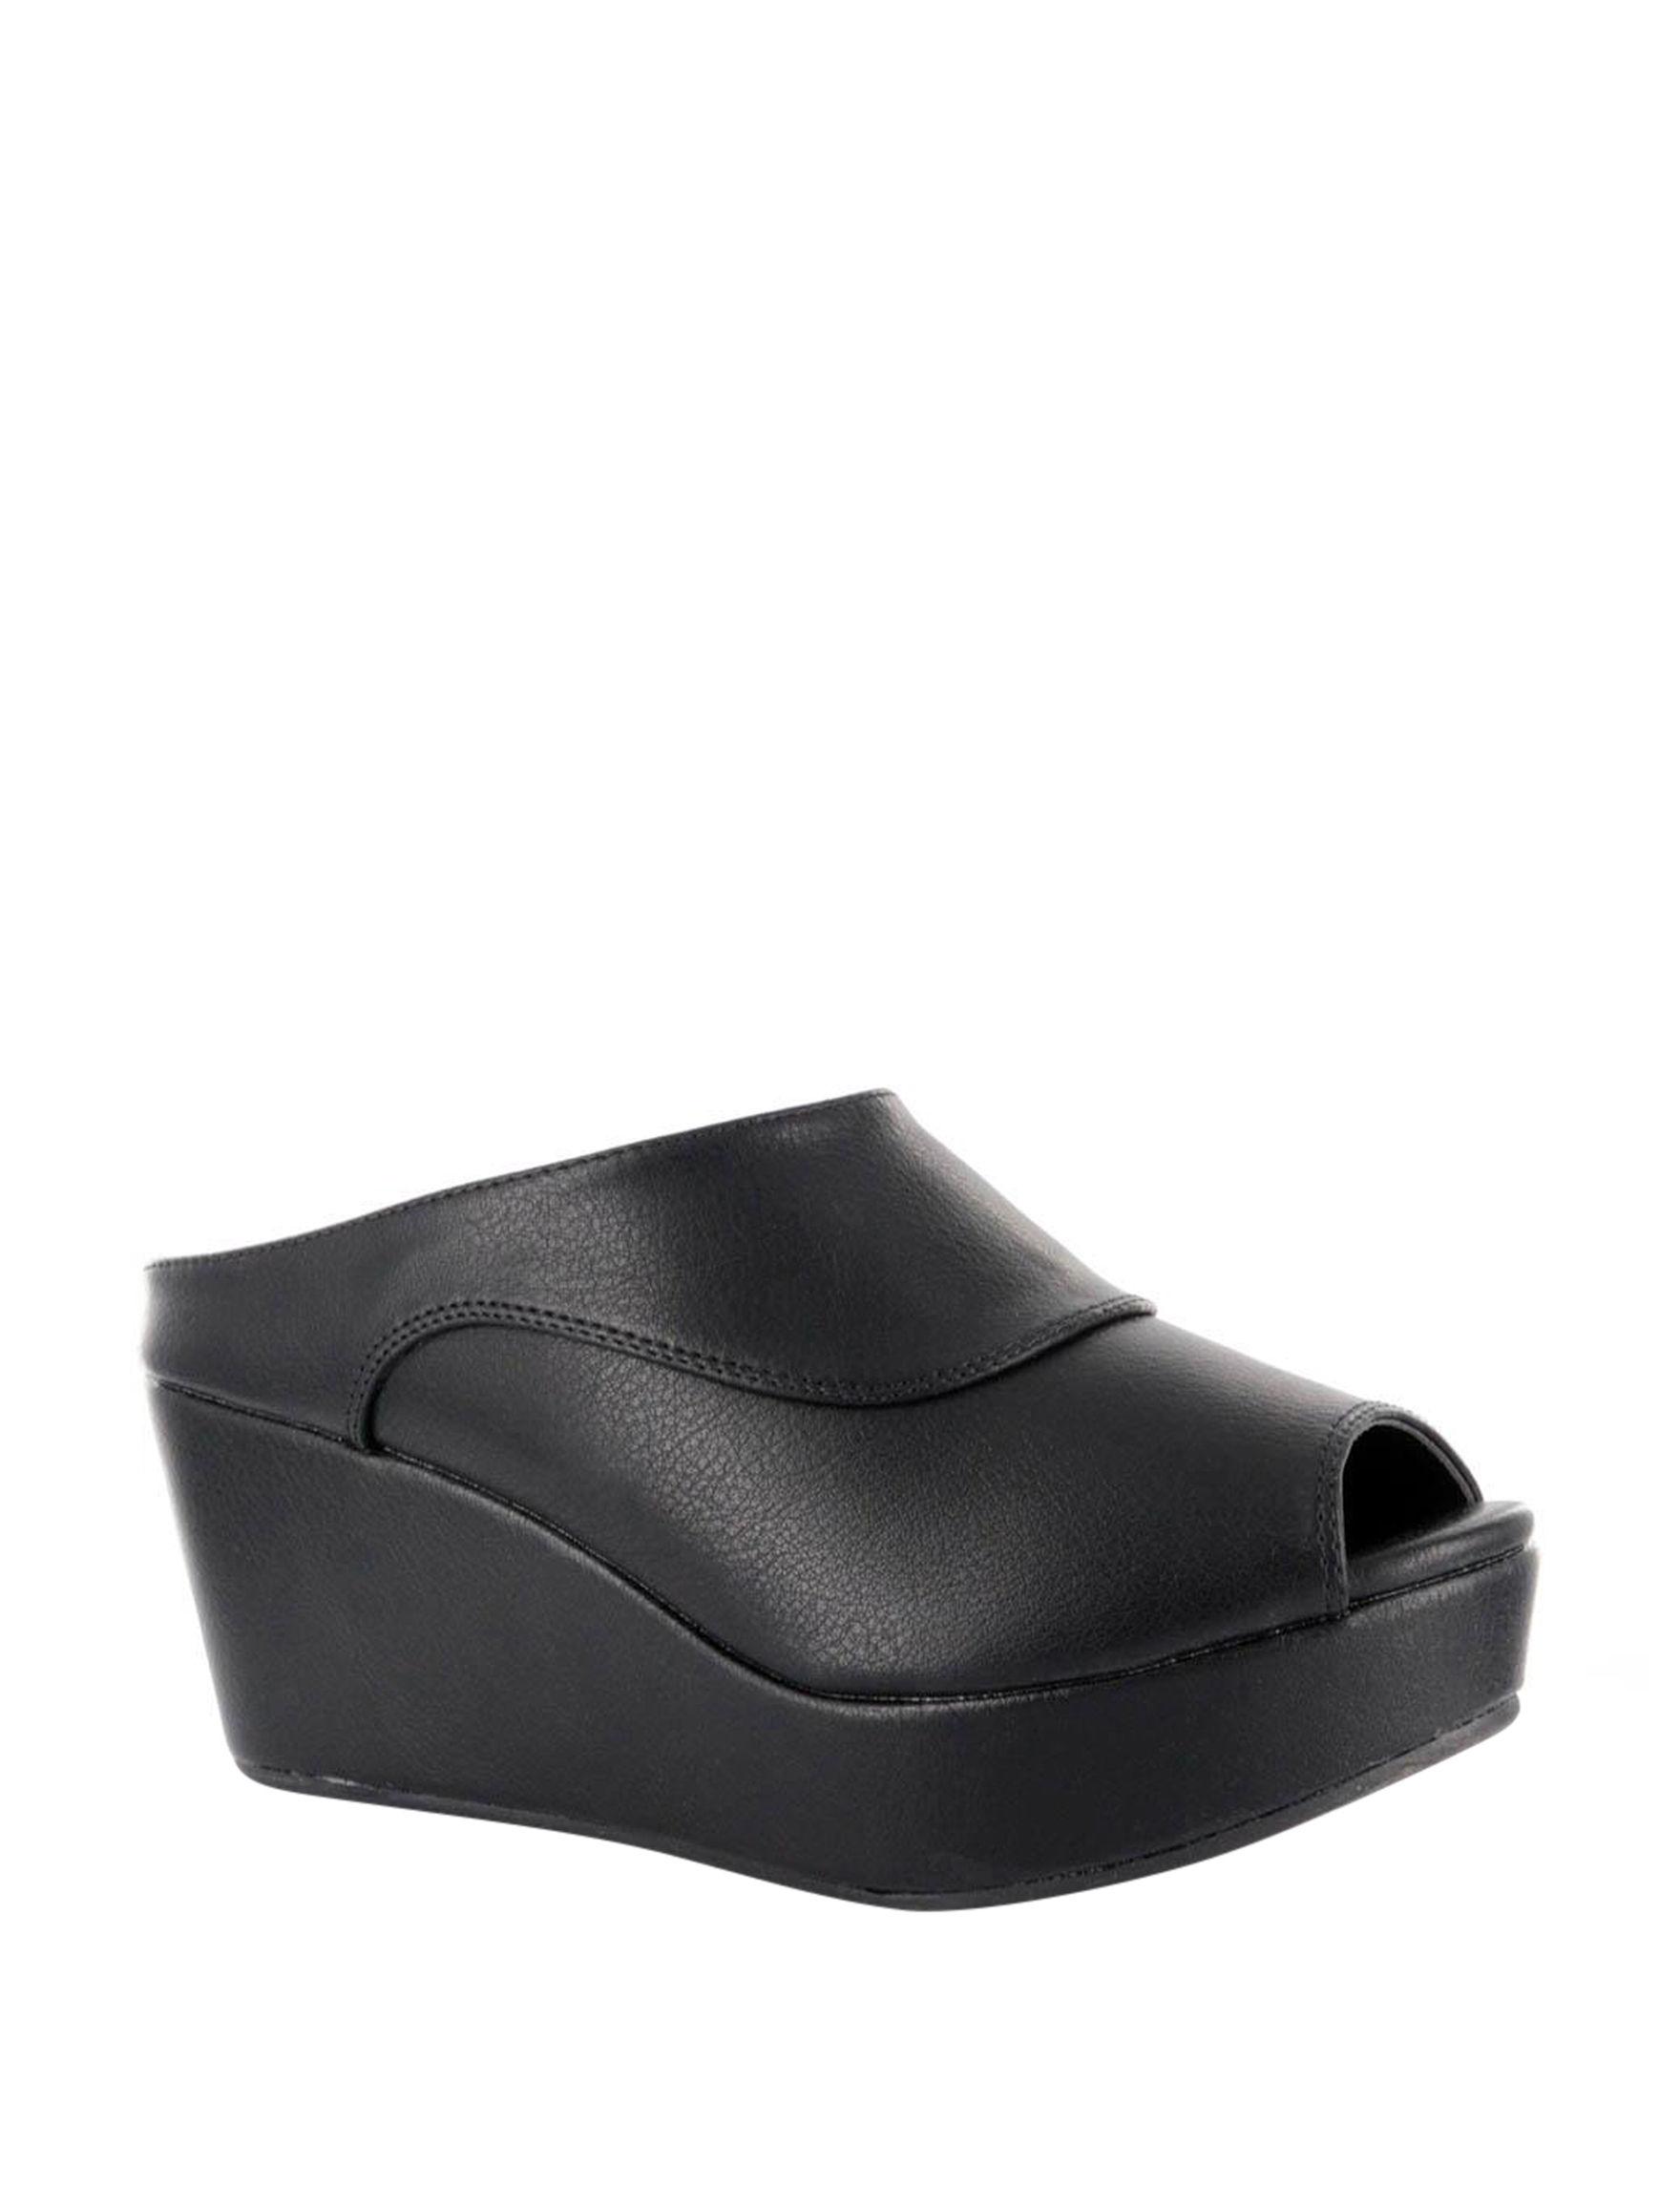 Corkys Black Wedge Sandals